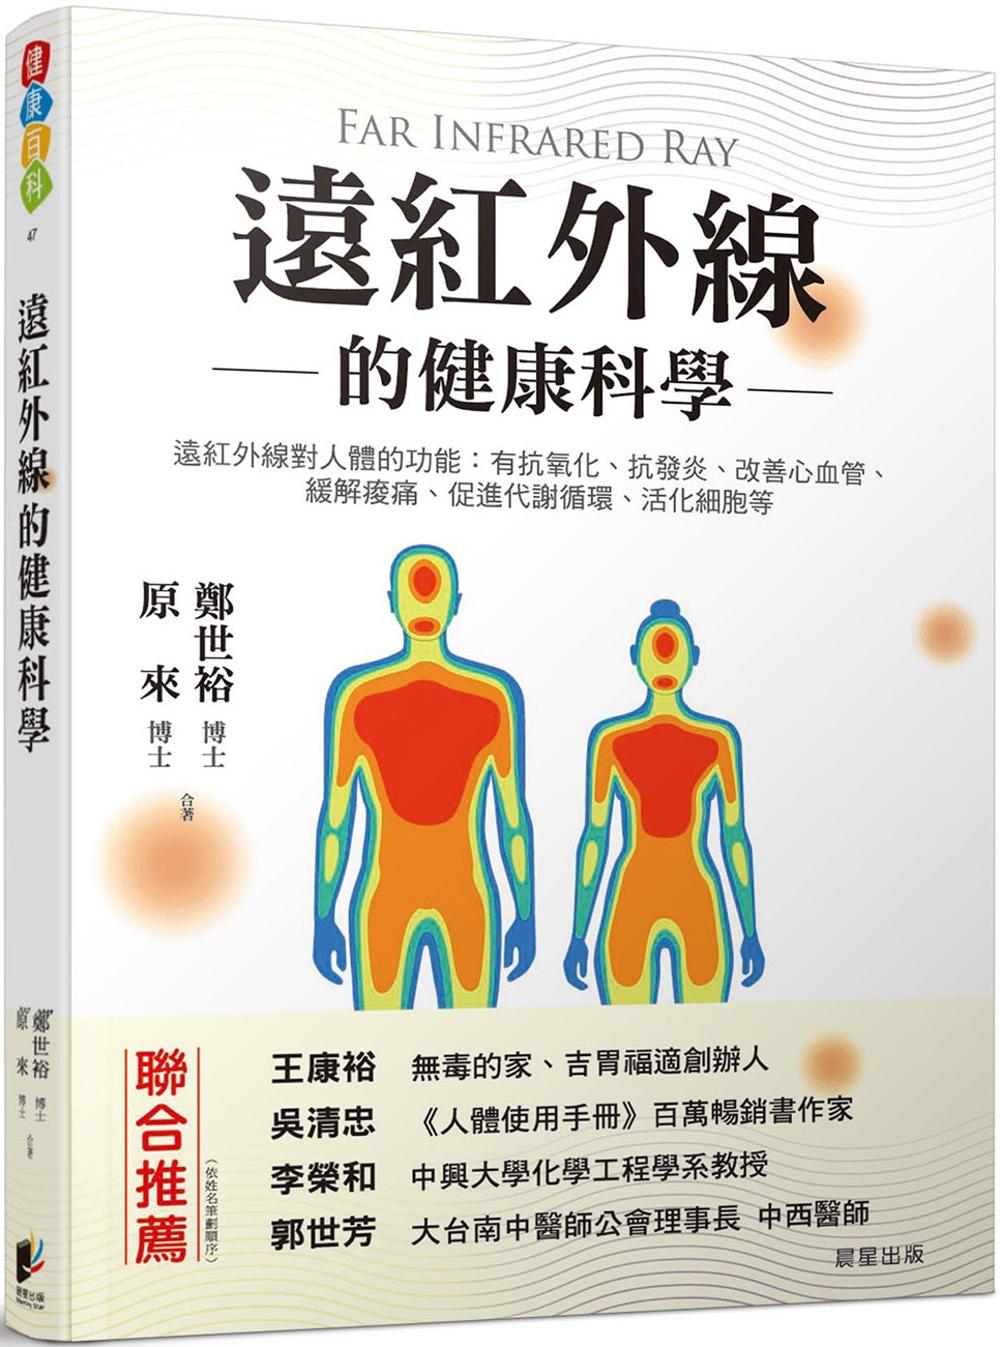 遠紅外線的健康科學